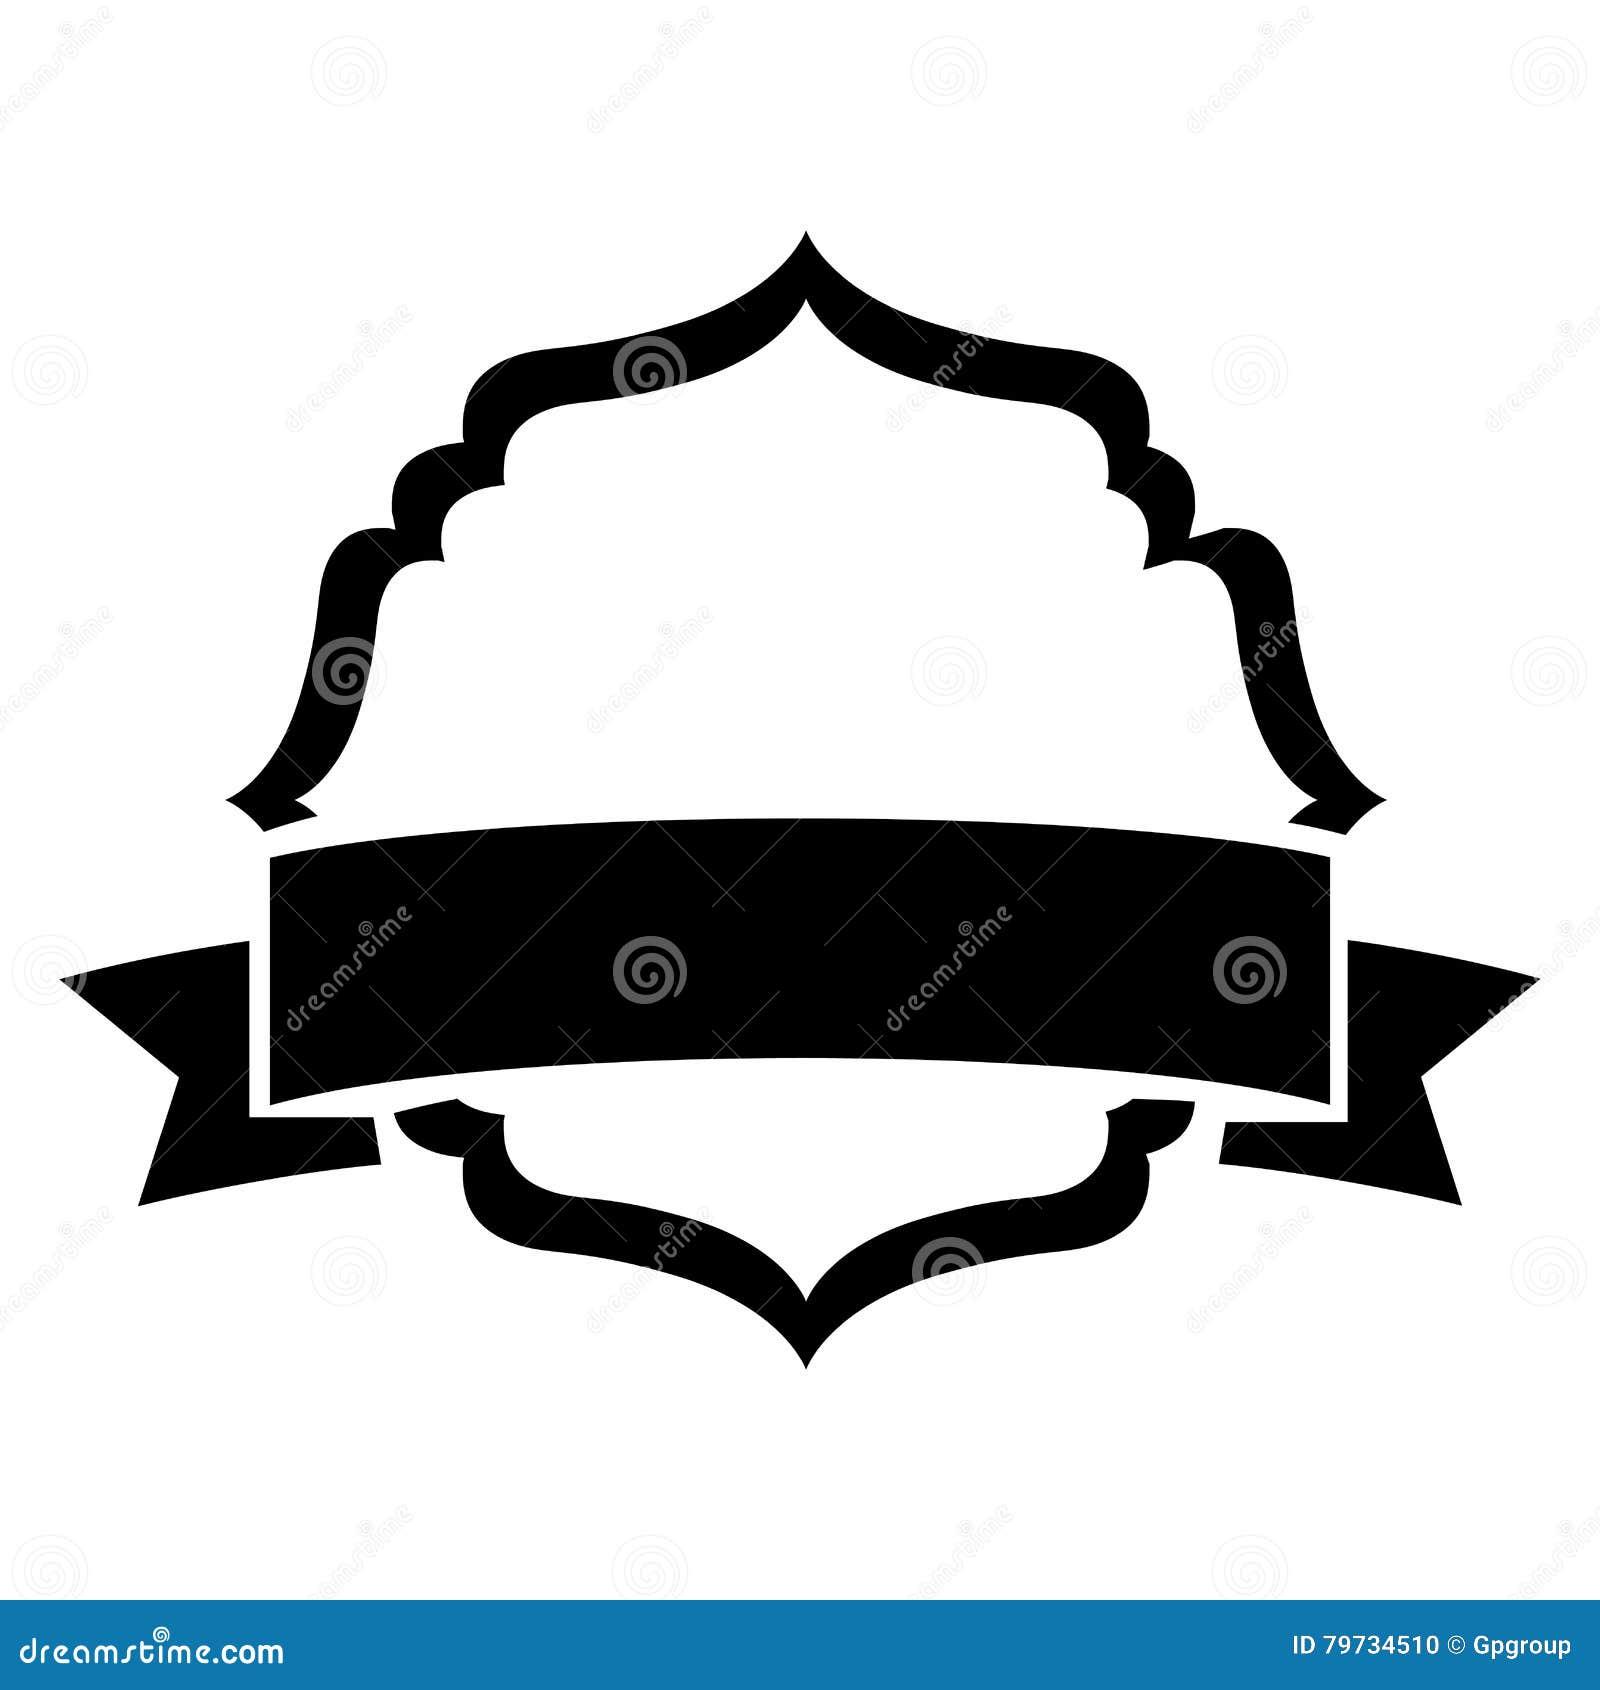 Marco decorativo heráldico de la silueta negra con la etiqueta